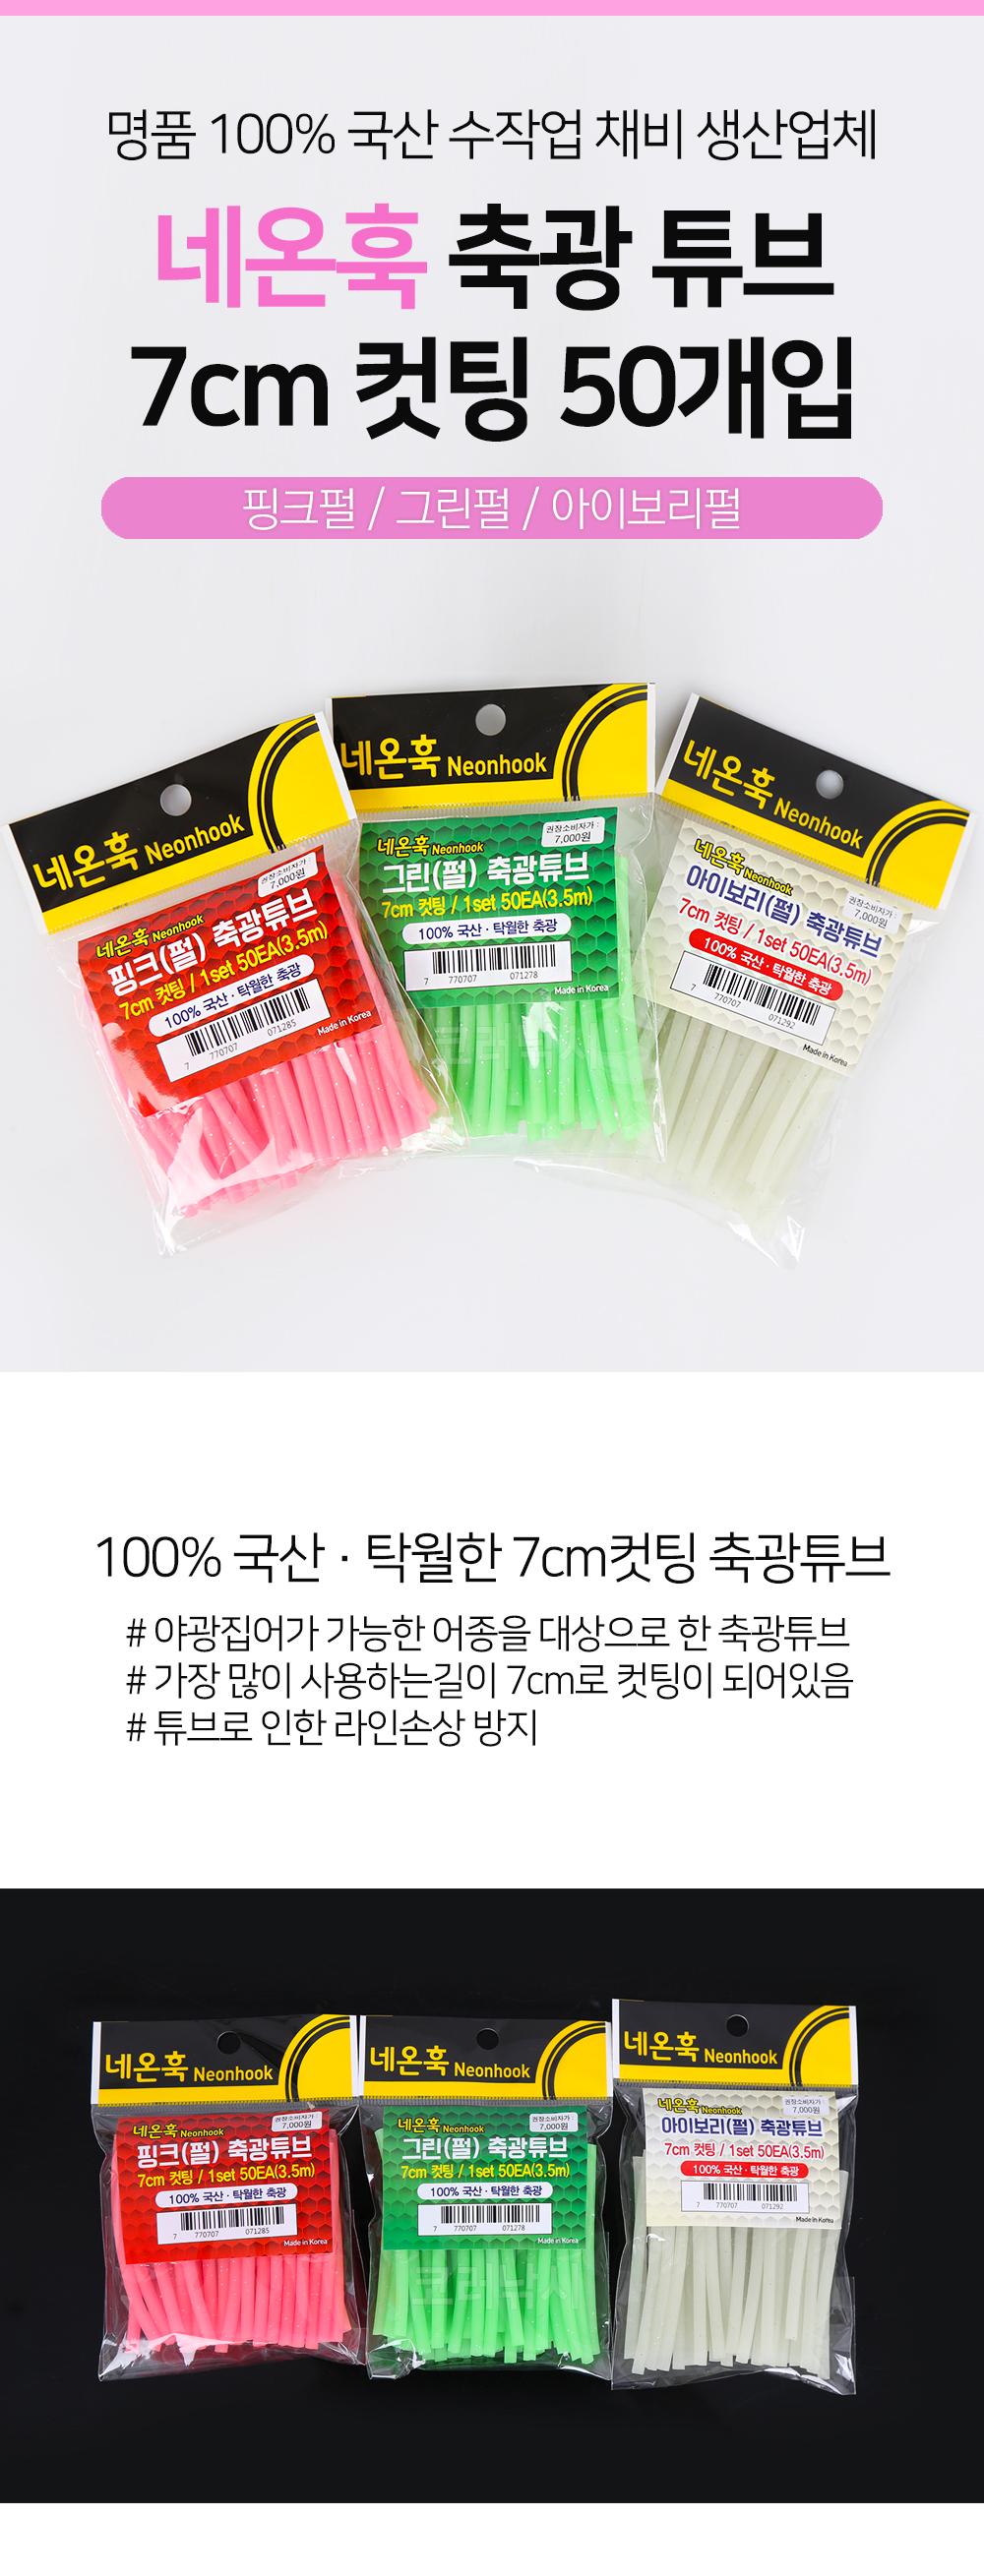 네온훅 축광 튜브 7cm 컷팅 50개입 MADE IN KOREA  야광튜브 갈치 갈치채비 갈치튜브 갈치낚시 선상갈치